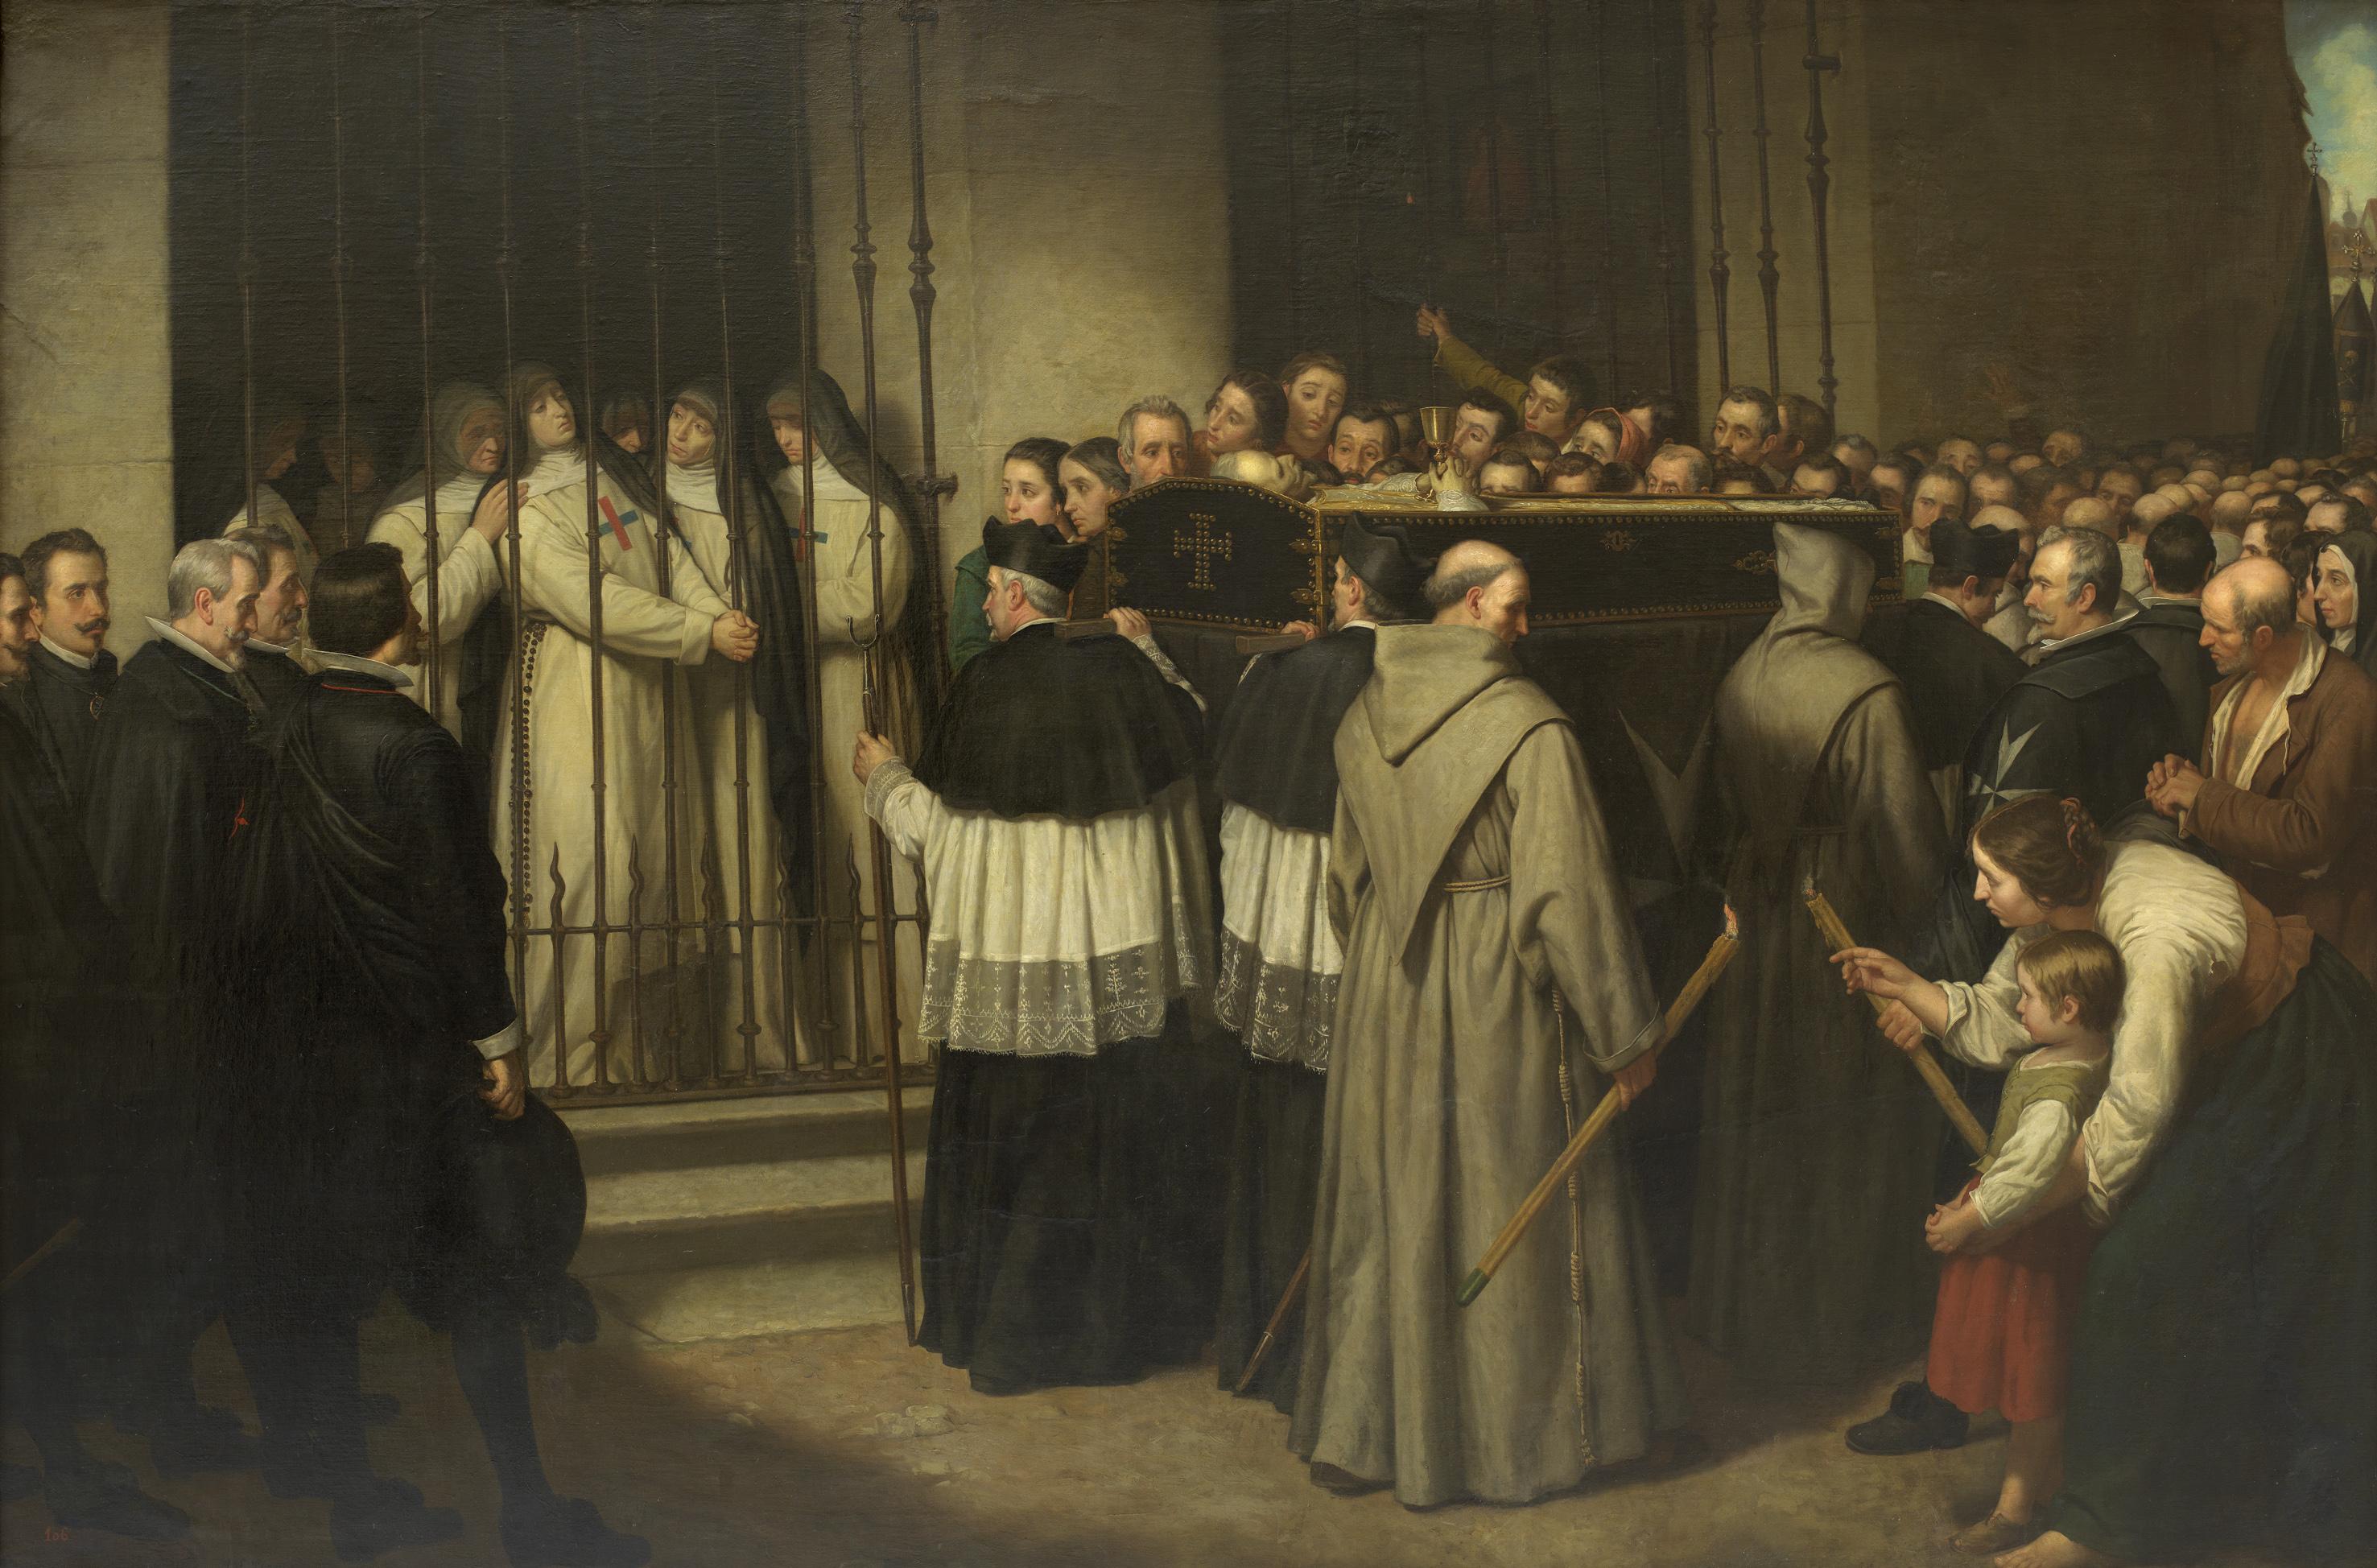 Sor Marcela de San Félix viendo pasar el entierro de su padre, Lope de Vega. Ignacio Suárez Llanos. 1862. (Museo del Prado, Madrid).